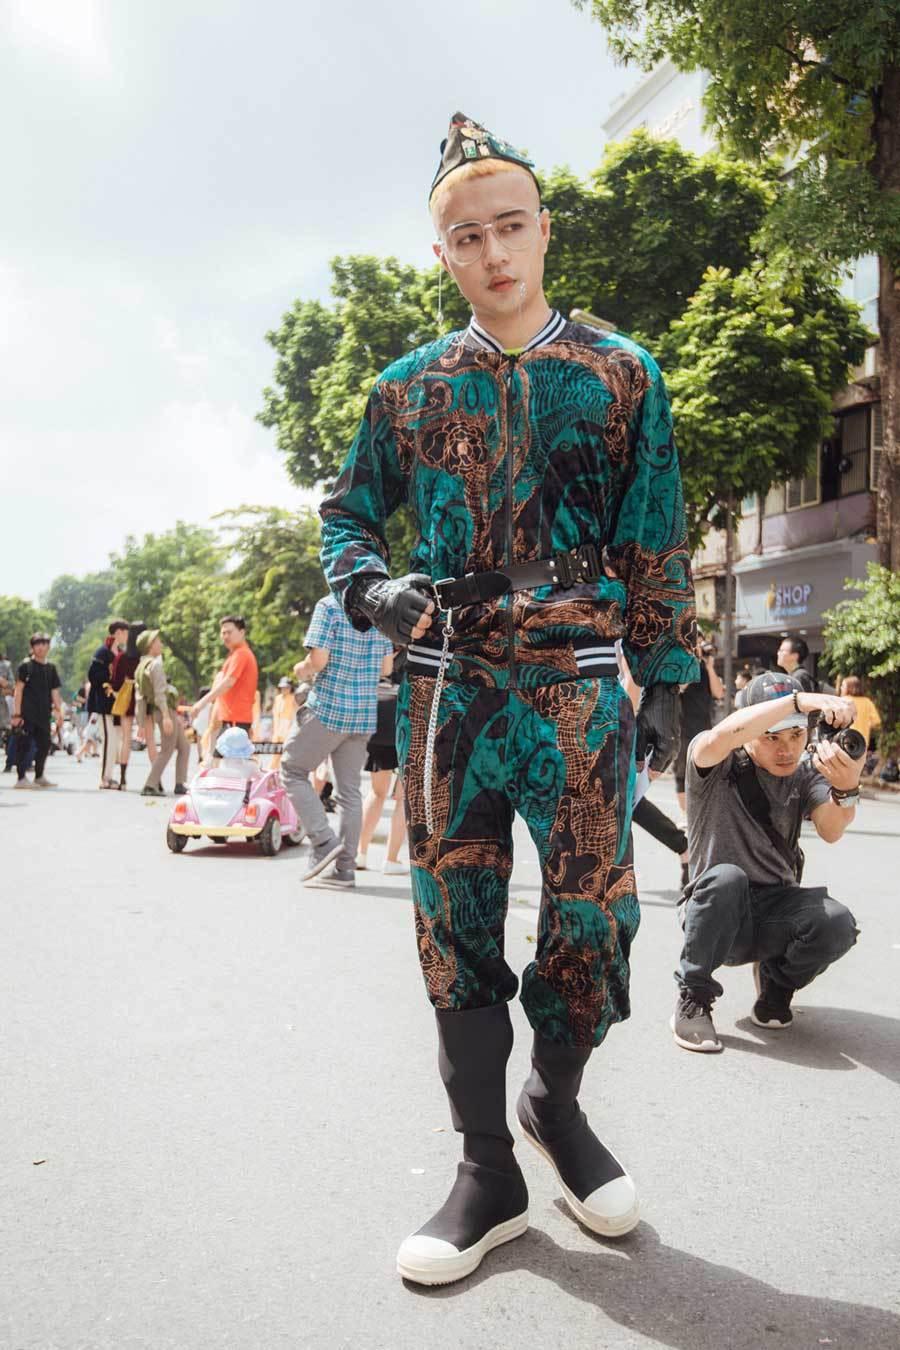 Muôn kiểu thời trang 'phang' thời tiết của giới trẻ Hà Thành